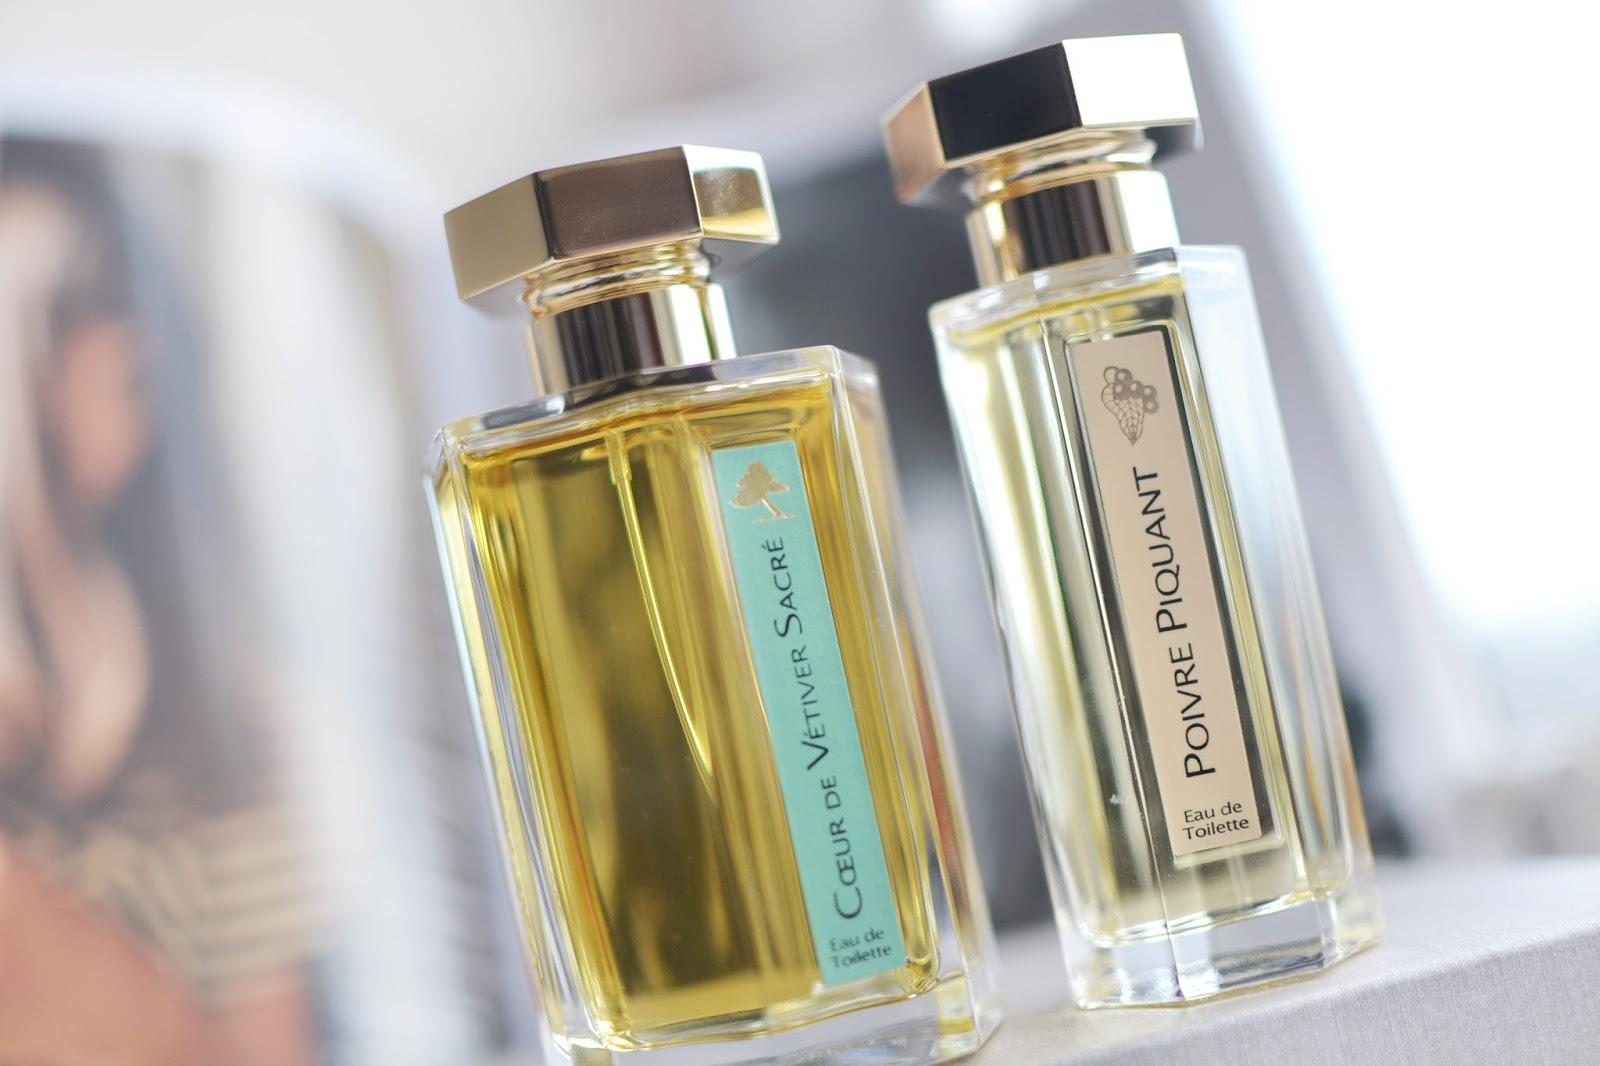 l'artisan parfumeur sale, coeur de sacre perfume, poivre piquant perfume